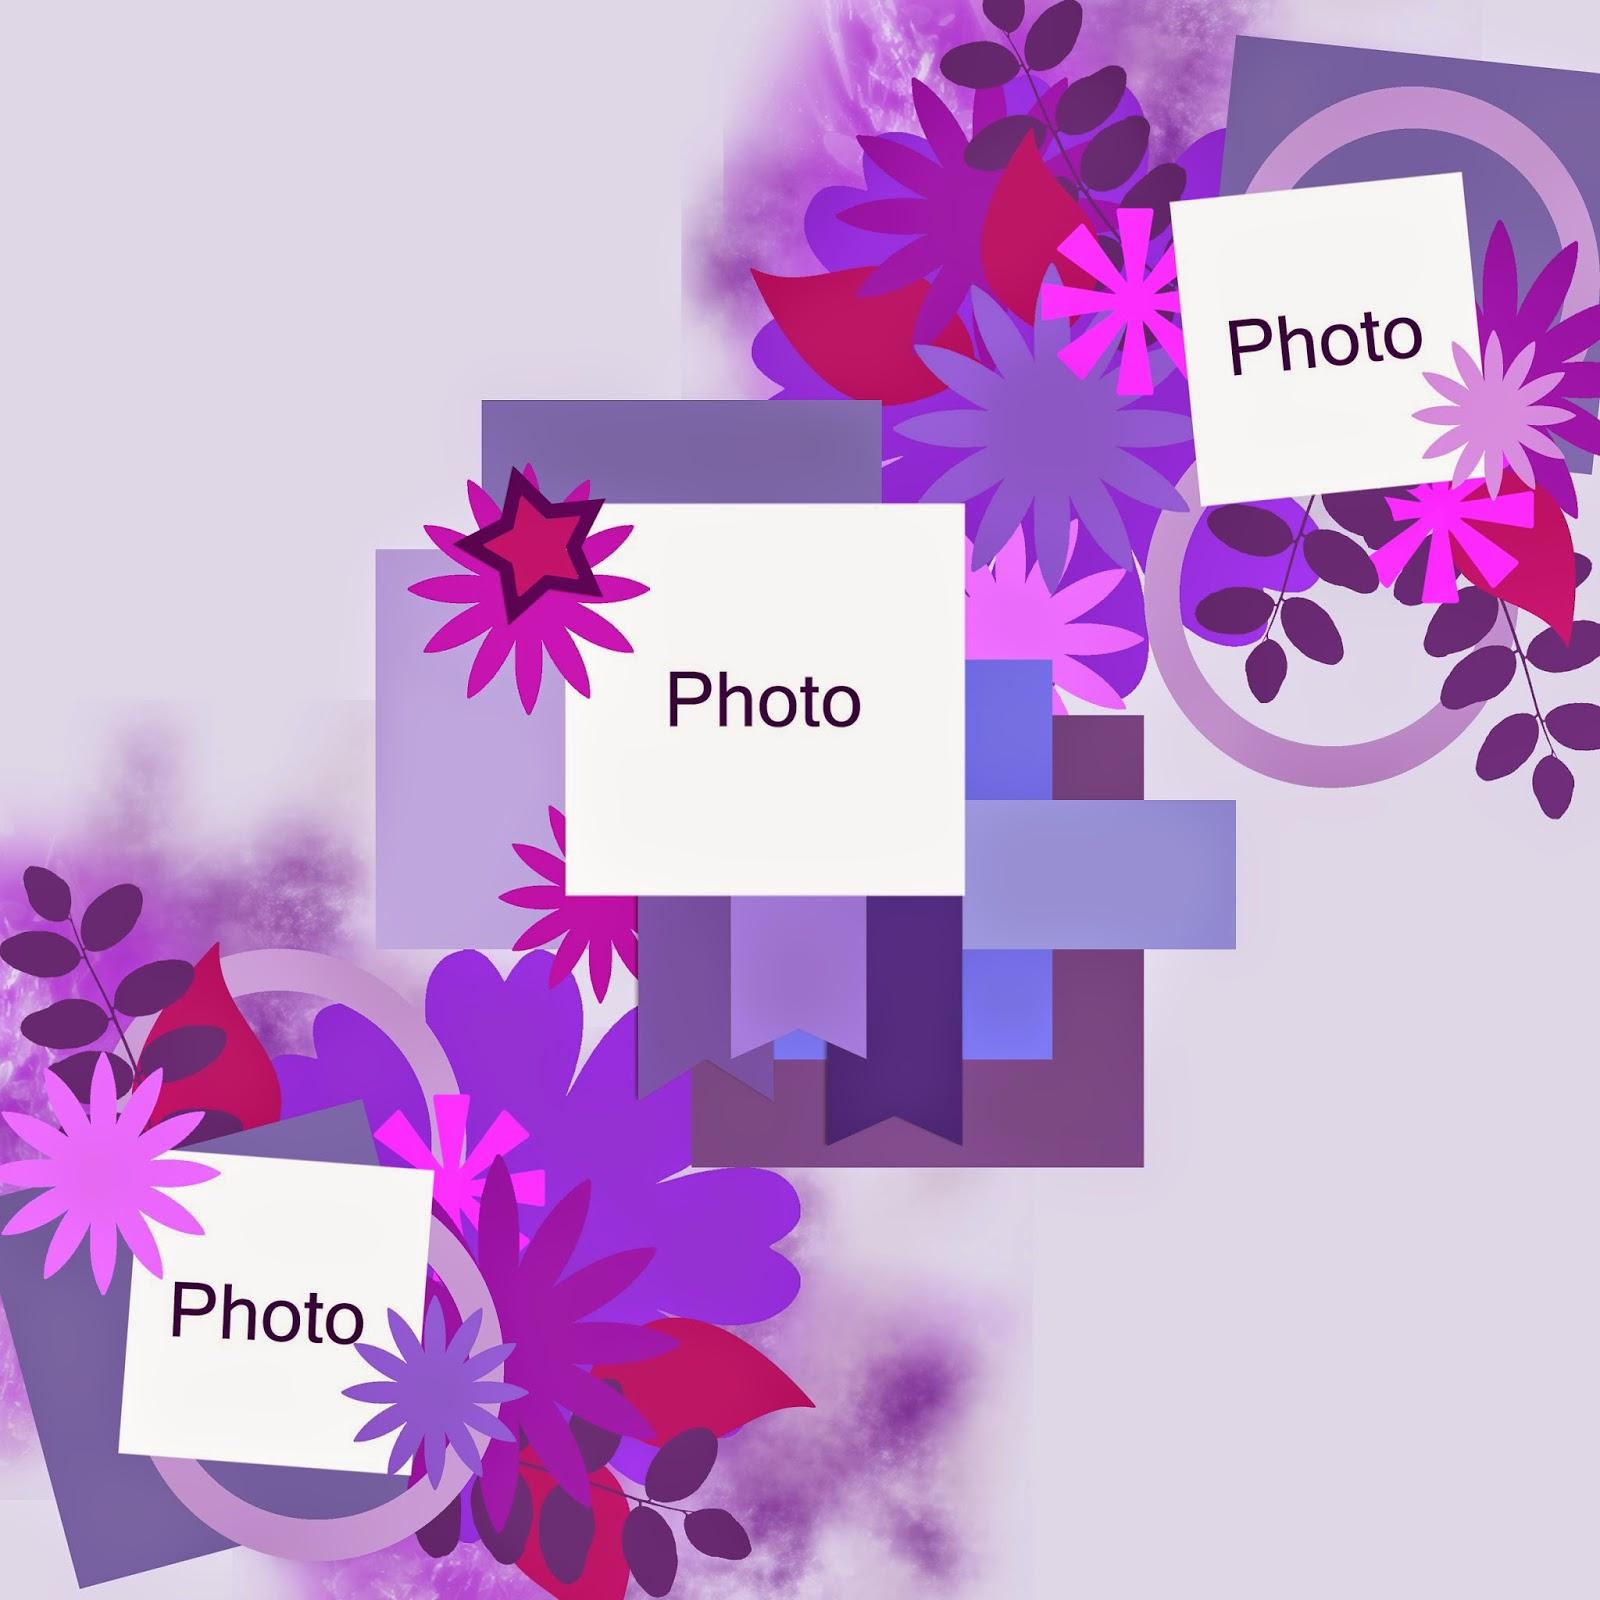 http://4.bp.blogspot.com/-hmVtkdaFlWI/U9cUlTlk5iI/AAAAAAAAArs/YWfec_hOZEQ/s1600/OklahomaDawn+07_27_14_edited-1.jpg